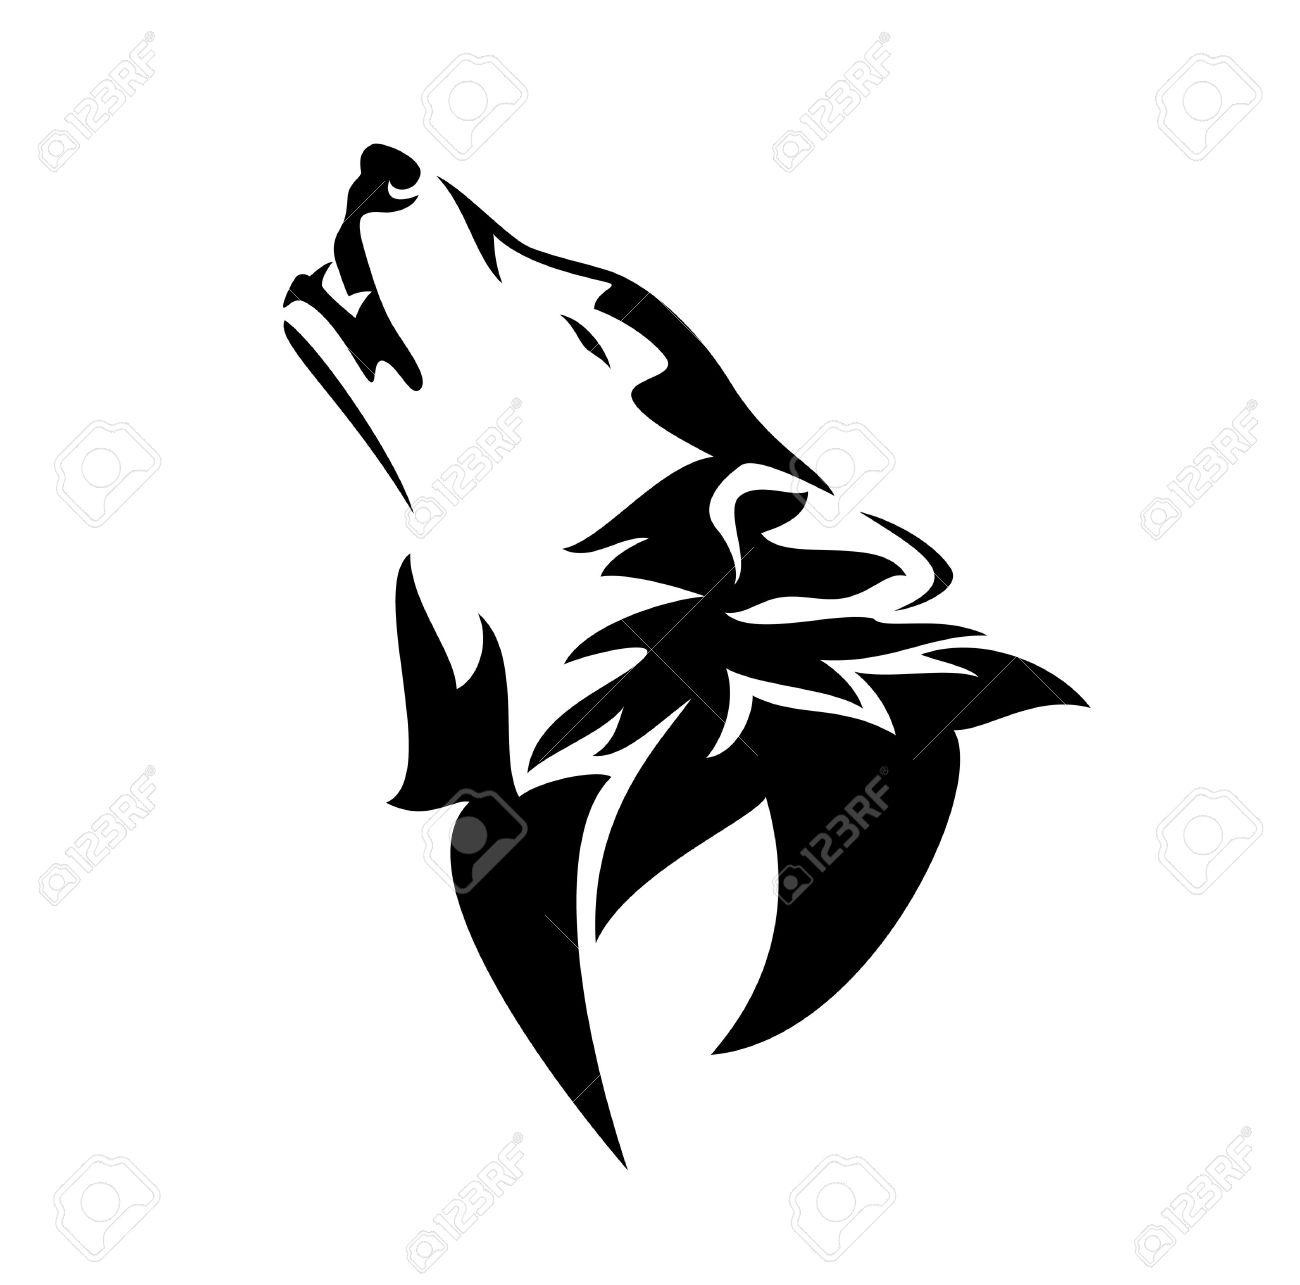 Aullando Diseño Lobo En Blanco Y Negro De Animales Contorno De La